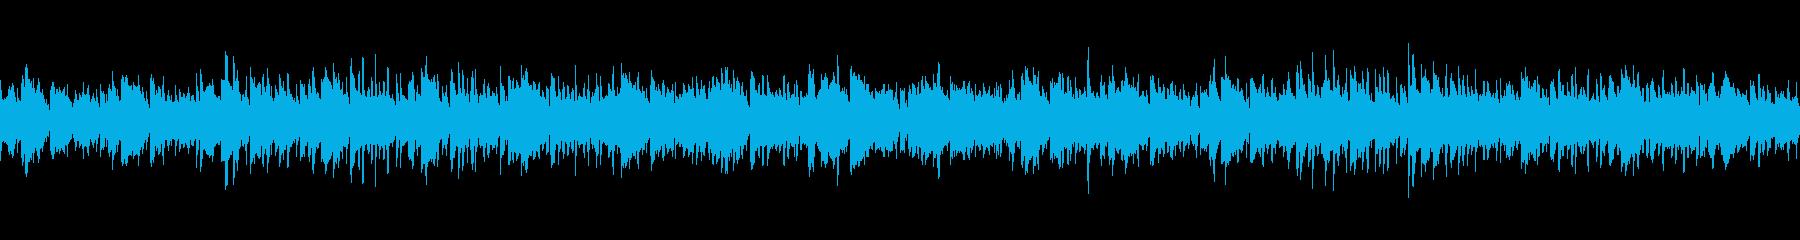 お祭りをイメージ、明るいケルト風ループの再生済みの波形